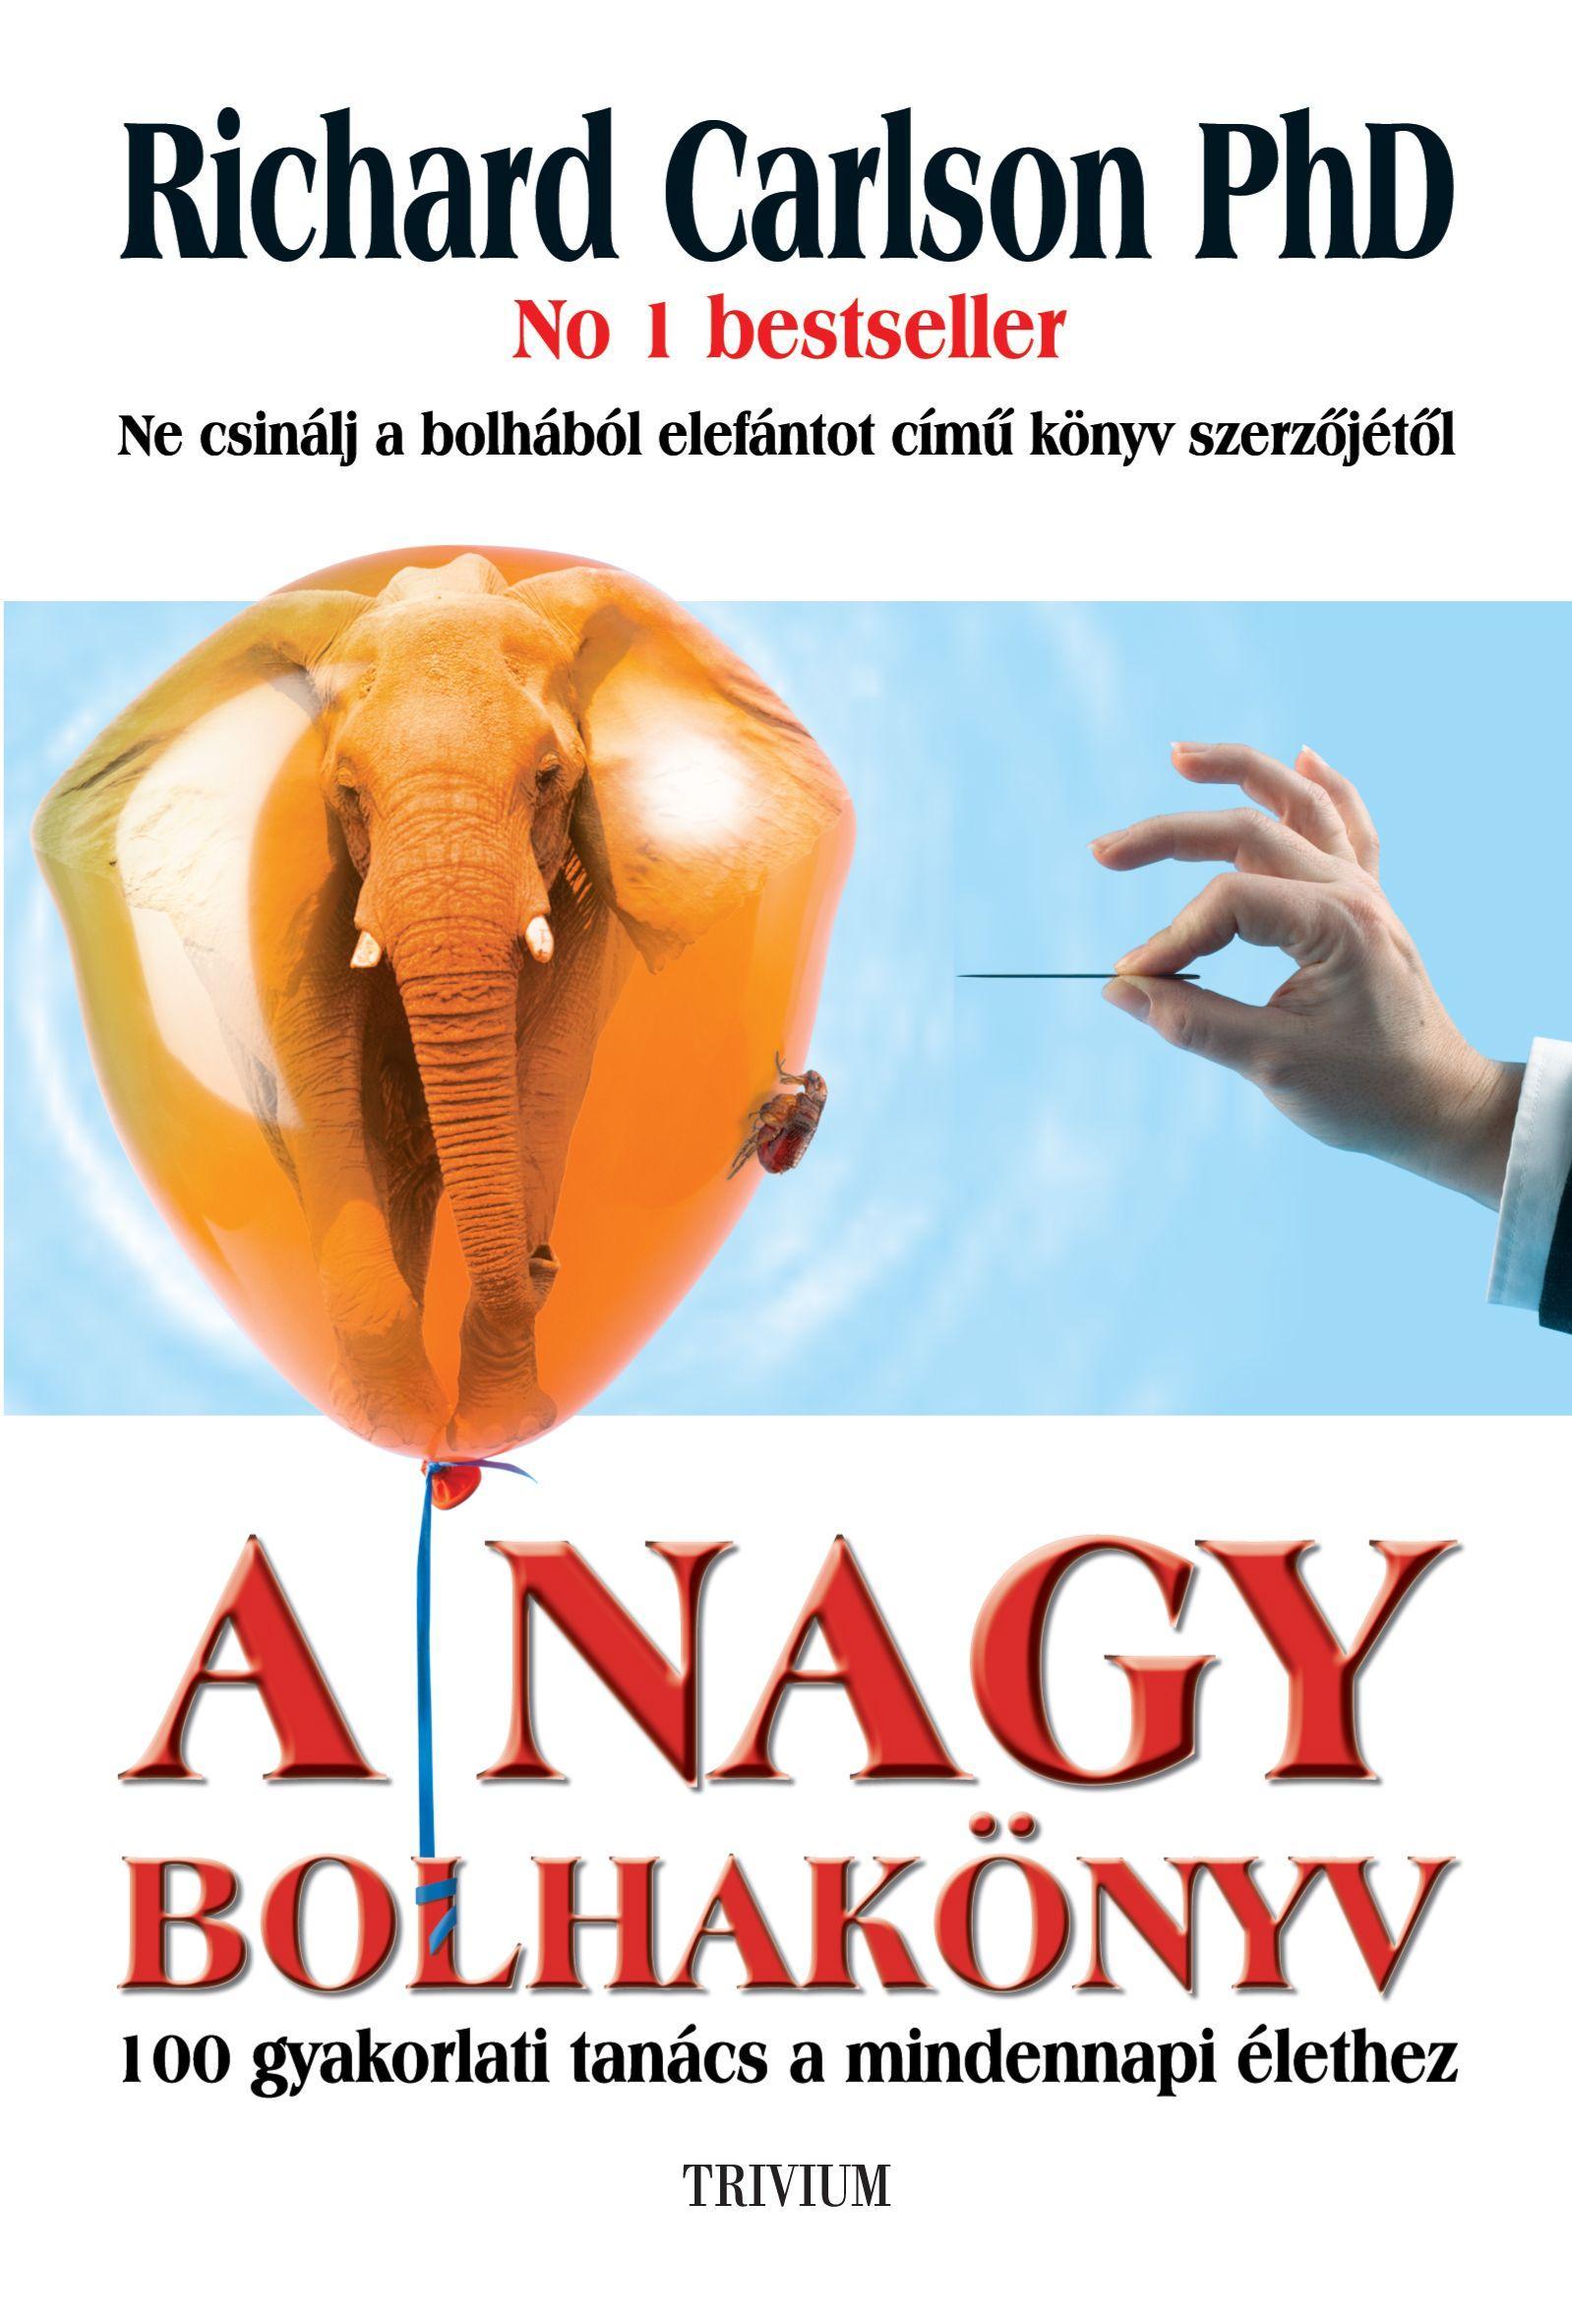 A NAGY BOLHAKÖNYV - 100 GYAKORLATI TANÁCS A MINDENNAPI ÉLETHEZ